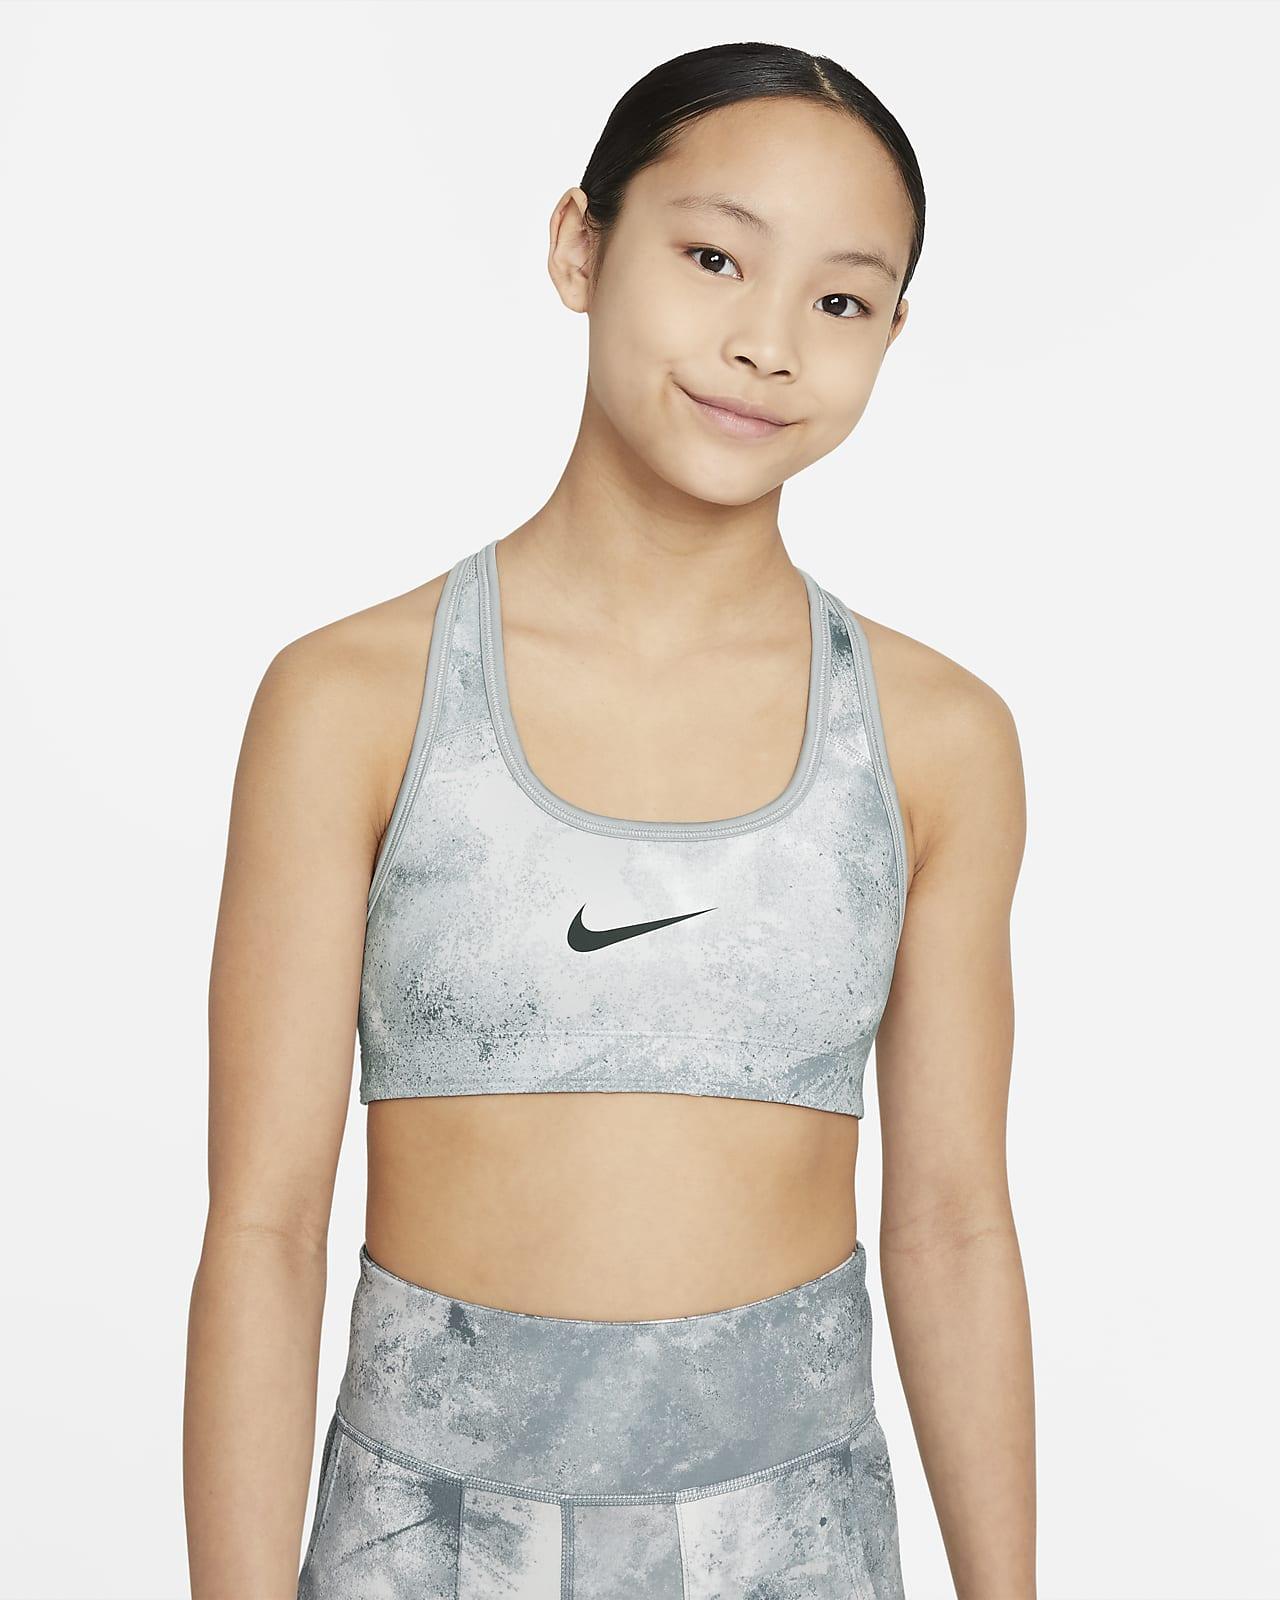 Bra stampato reversibile tie-dye Nike Swoosh - Ragazza